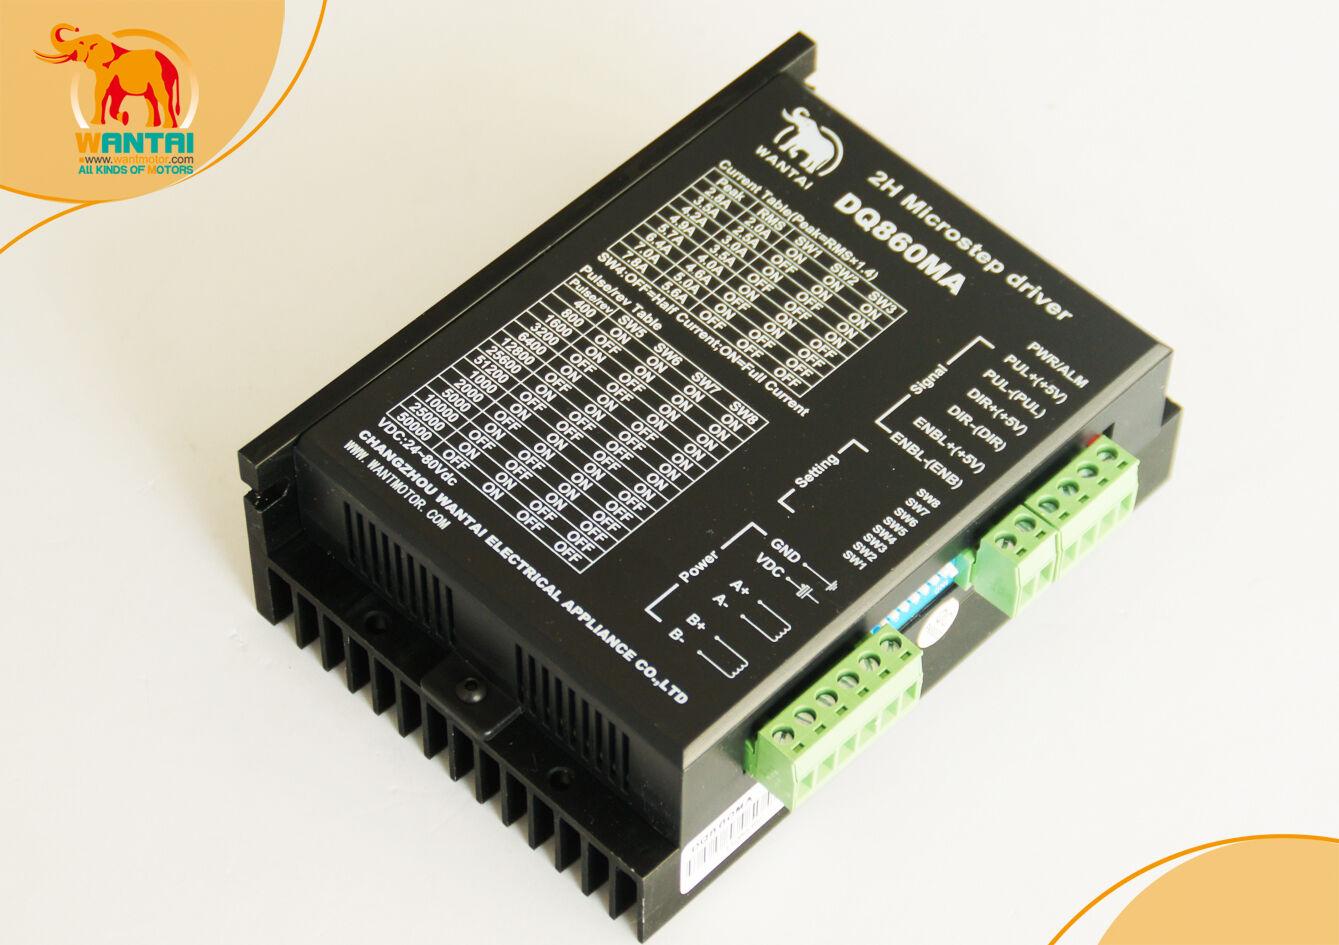 Cnc Stepper Digital Motor Driver 80v/7.8a/256 Micro Free Ship Wantai Dq860ma